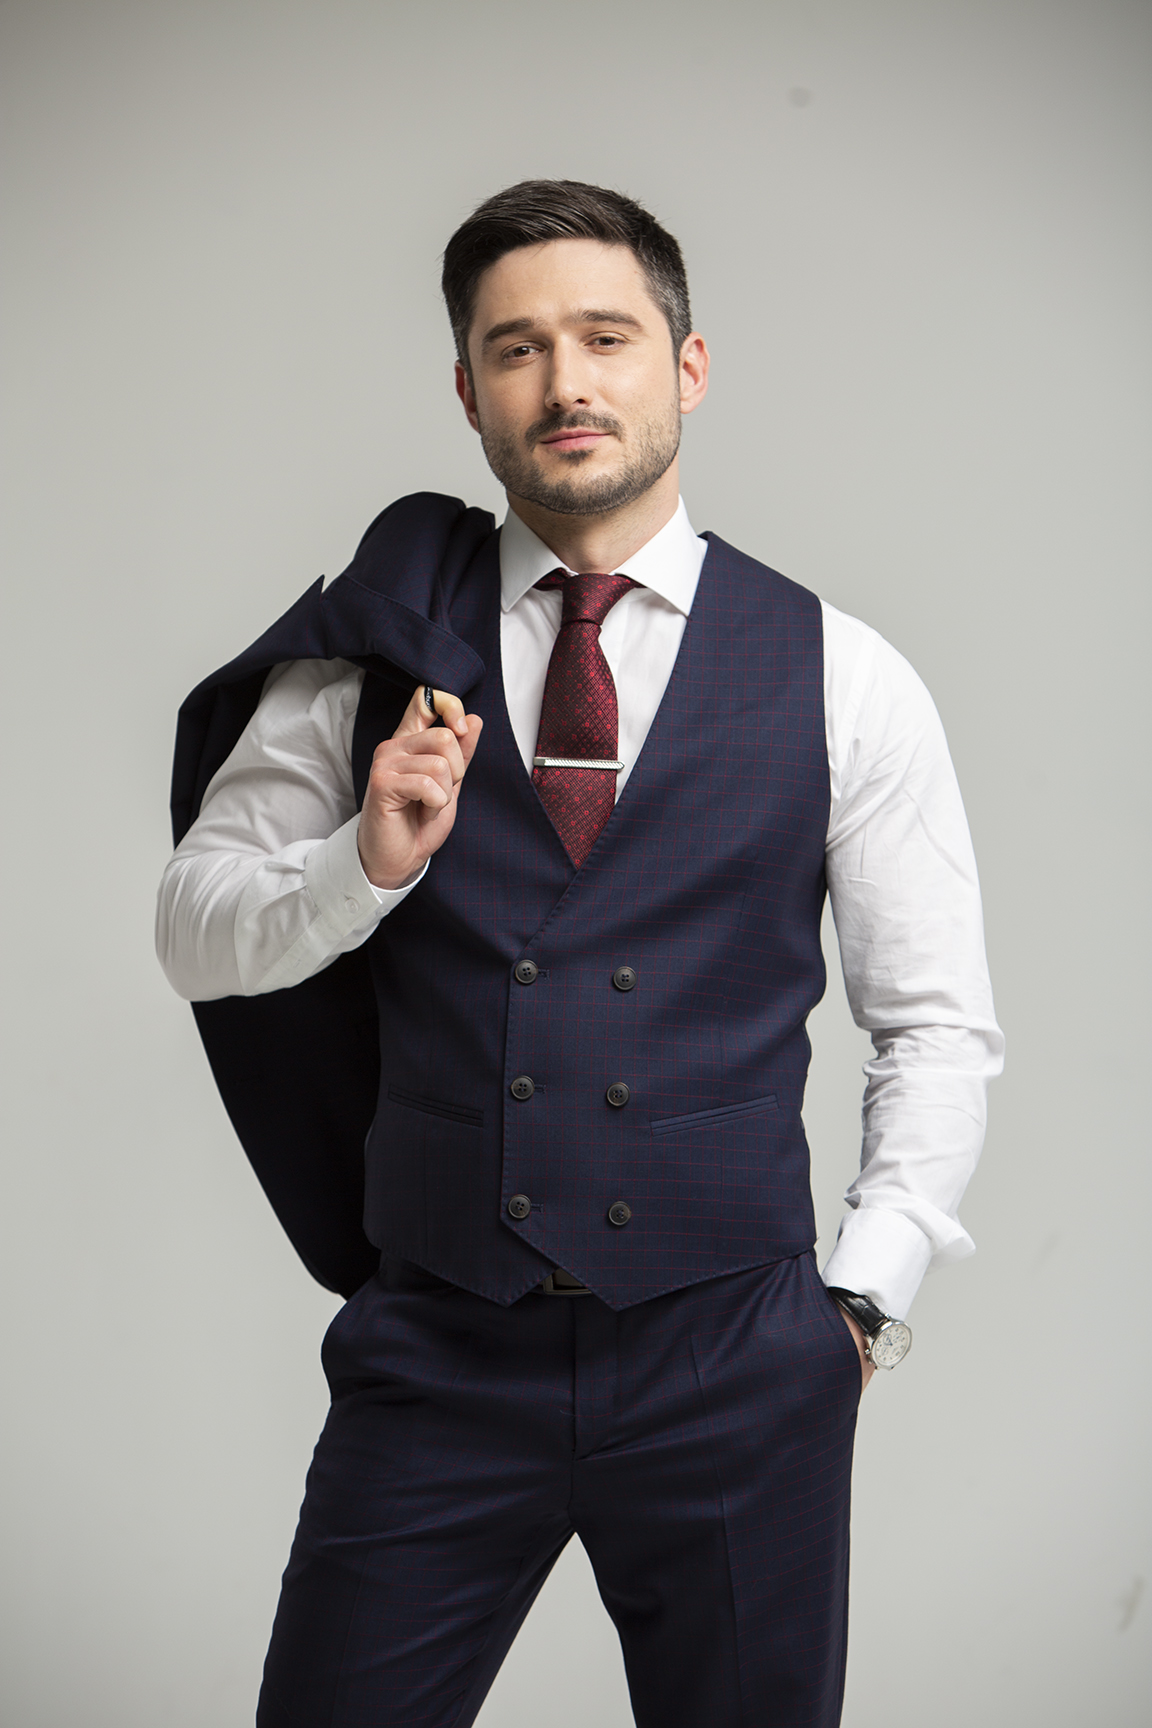 Известный актер Андрей Фединчик поделился с поклонниками откровенным снимком